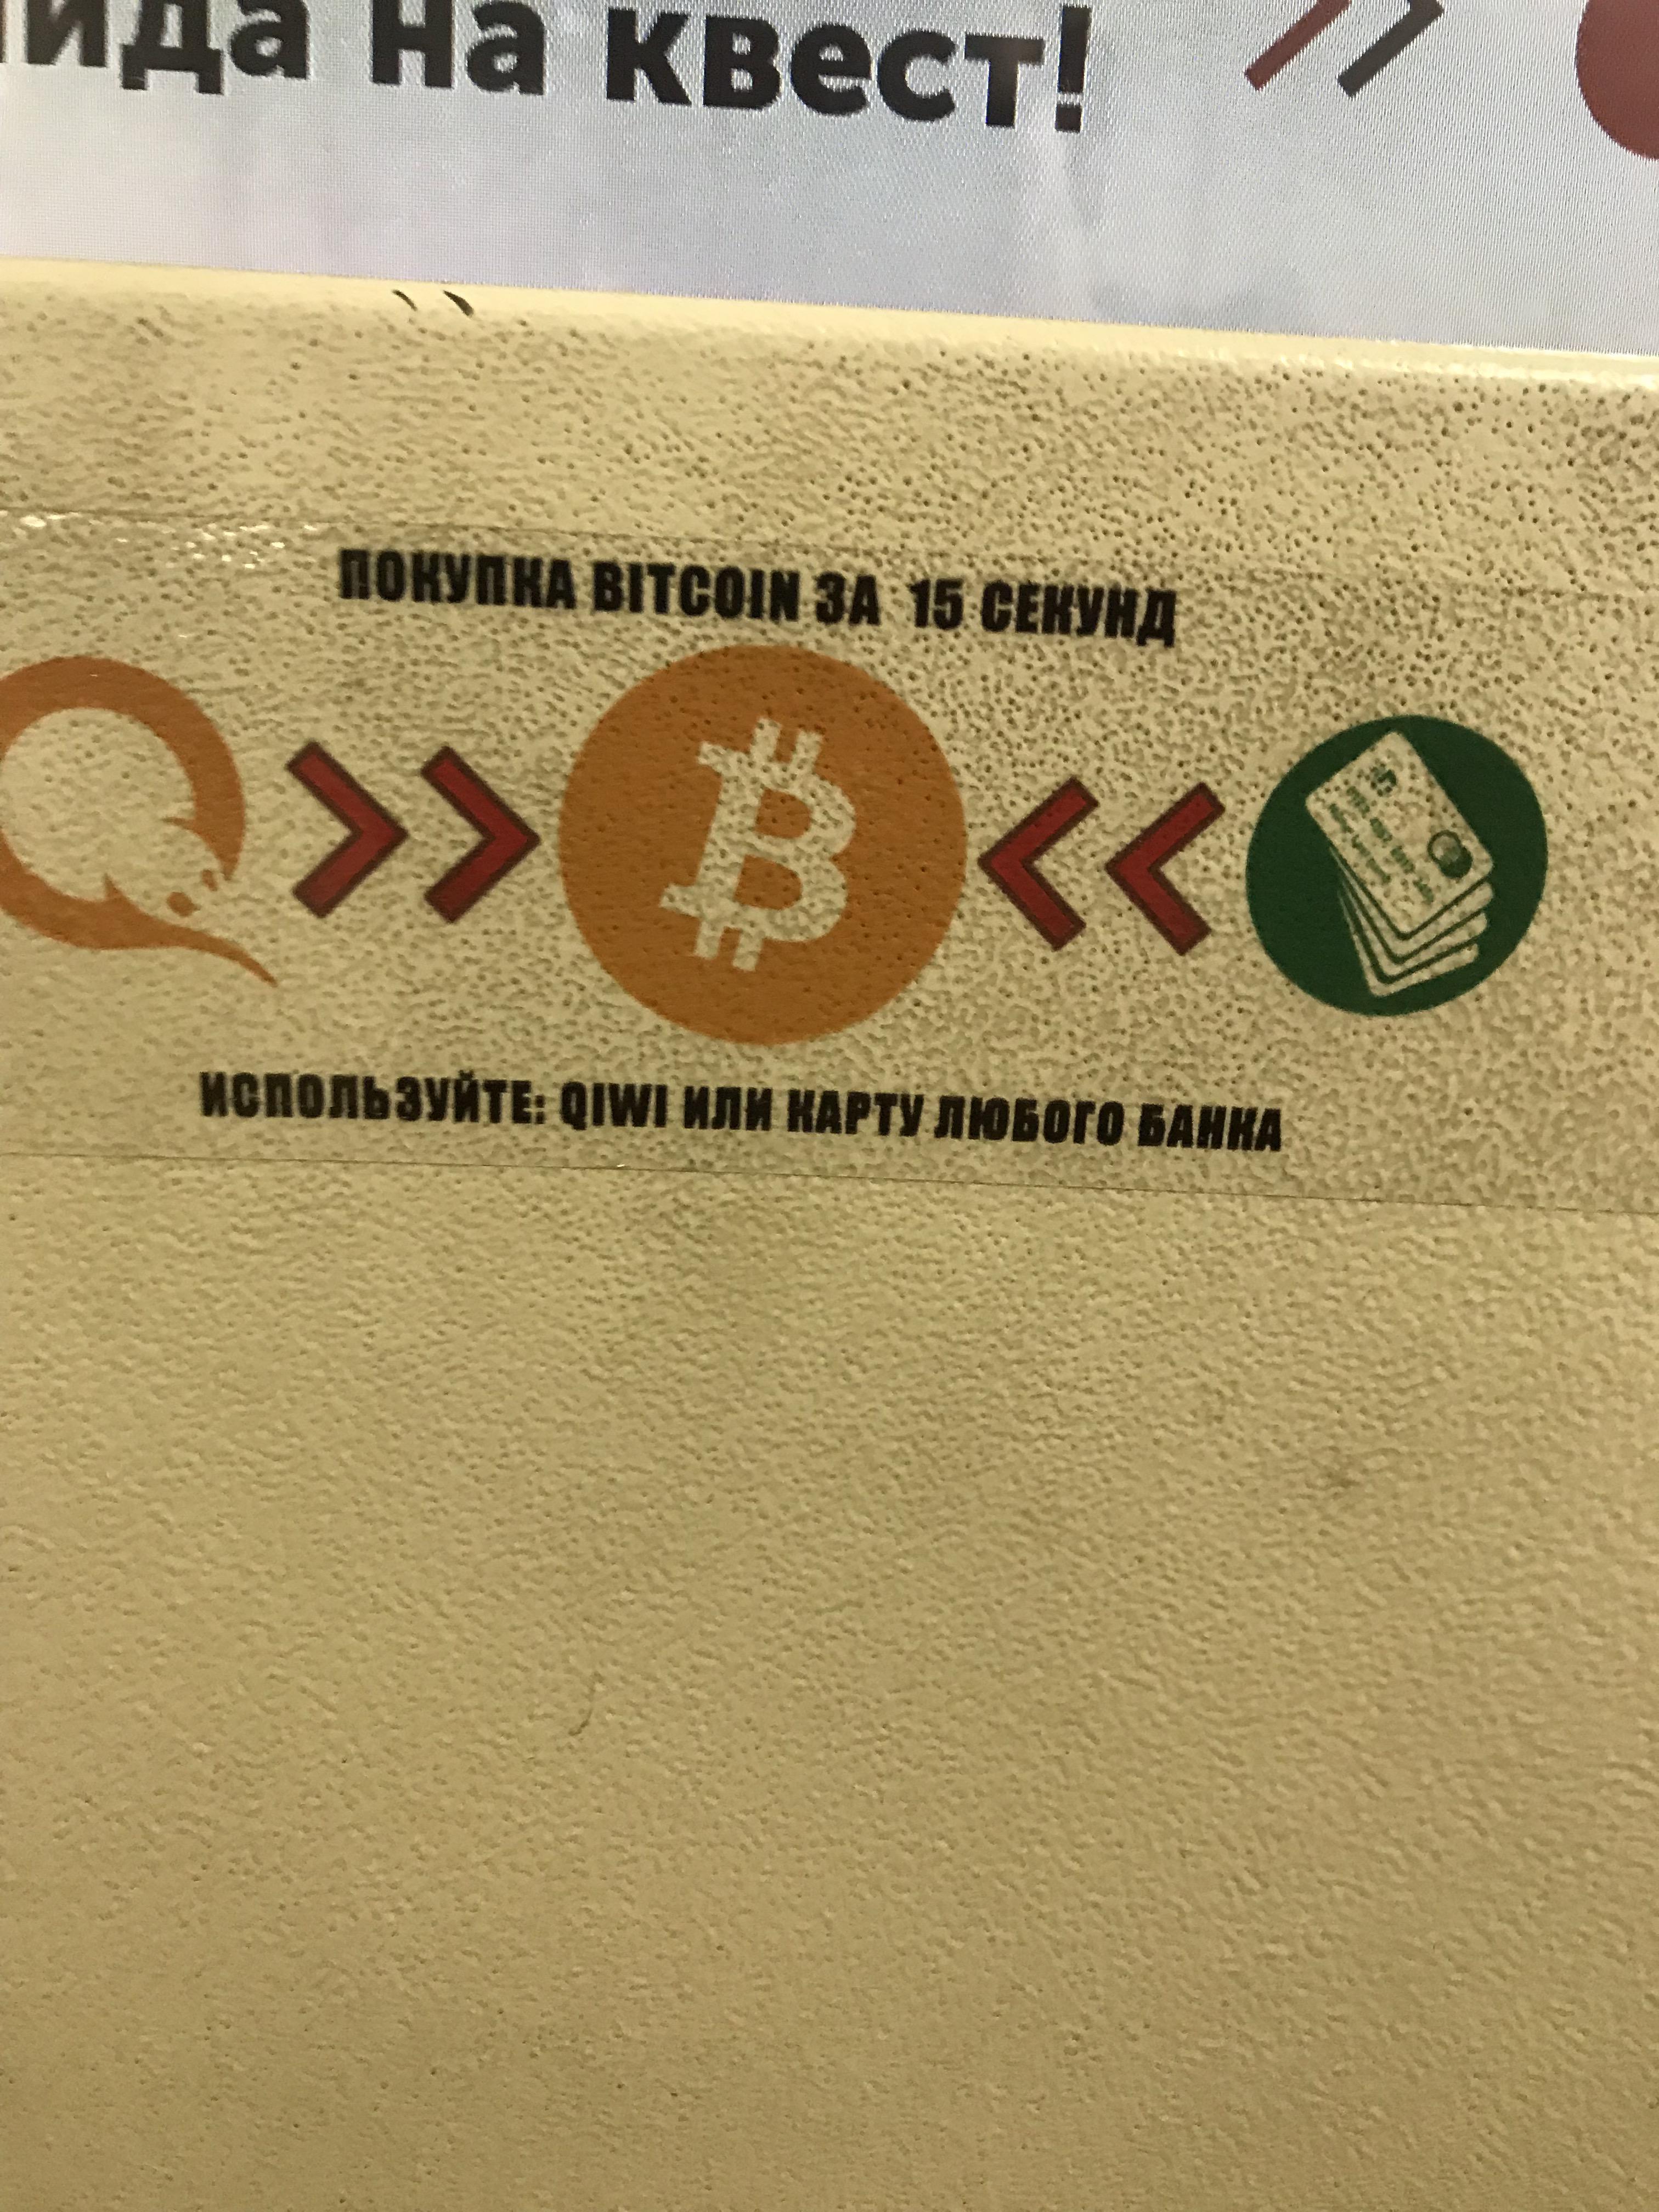 qiwi wallet bitcoin aukso pasirinkimo sandorių prekyba